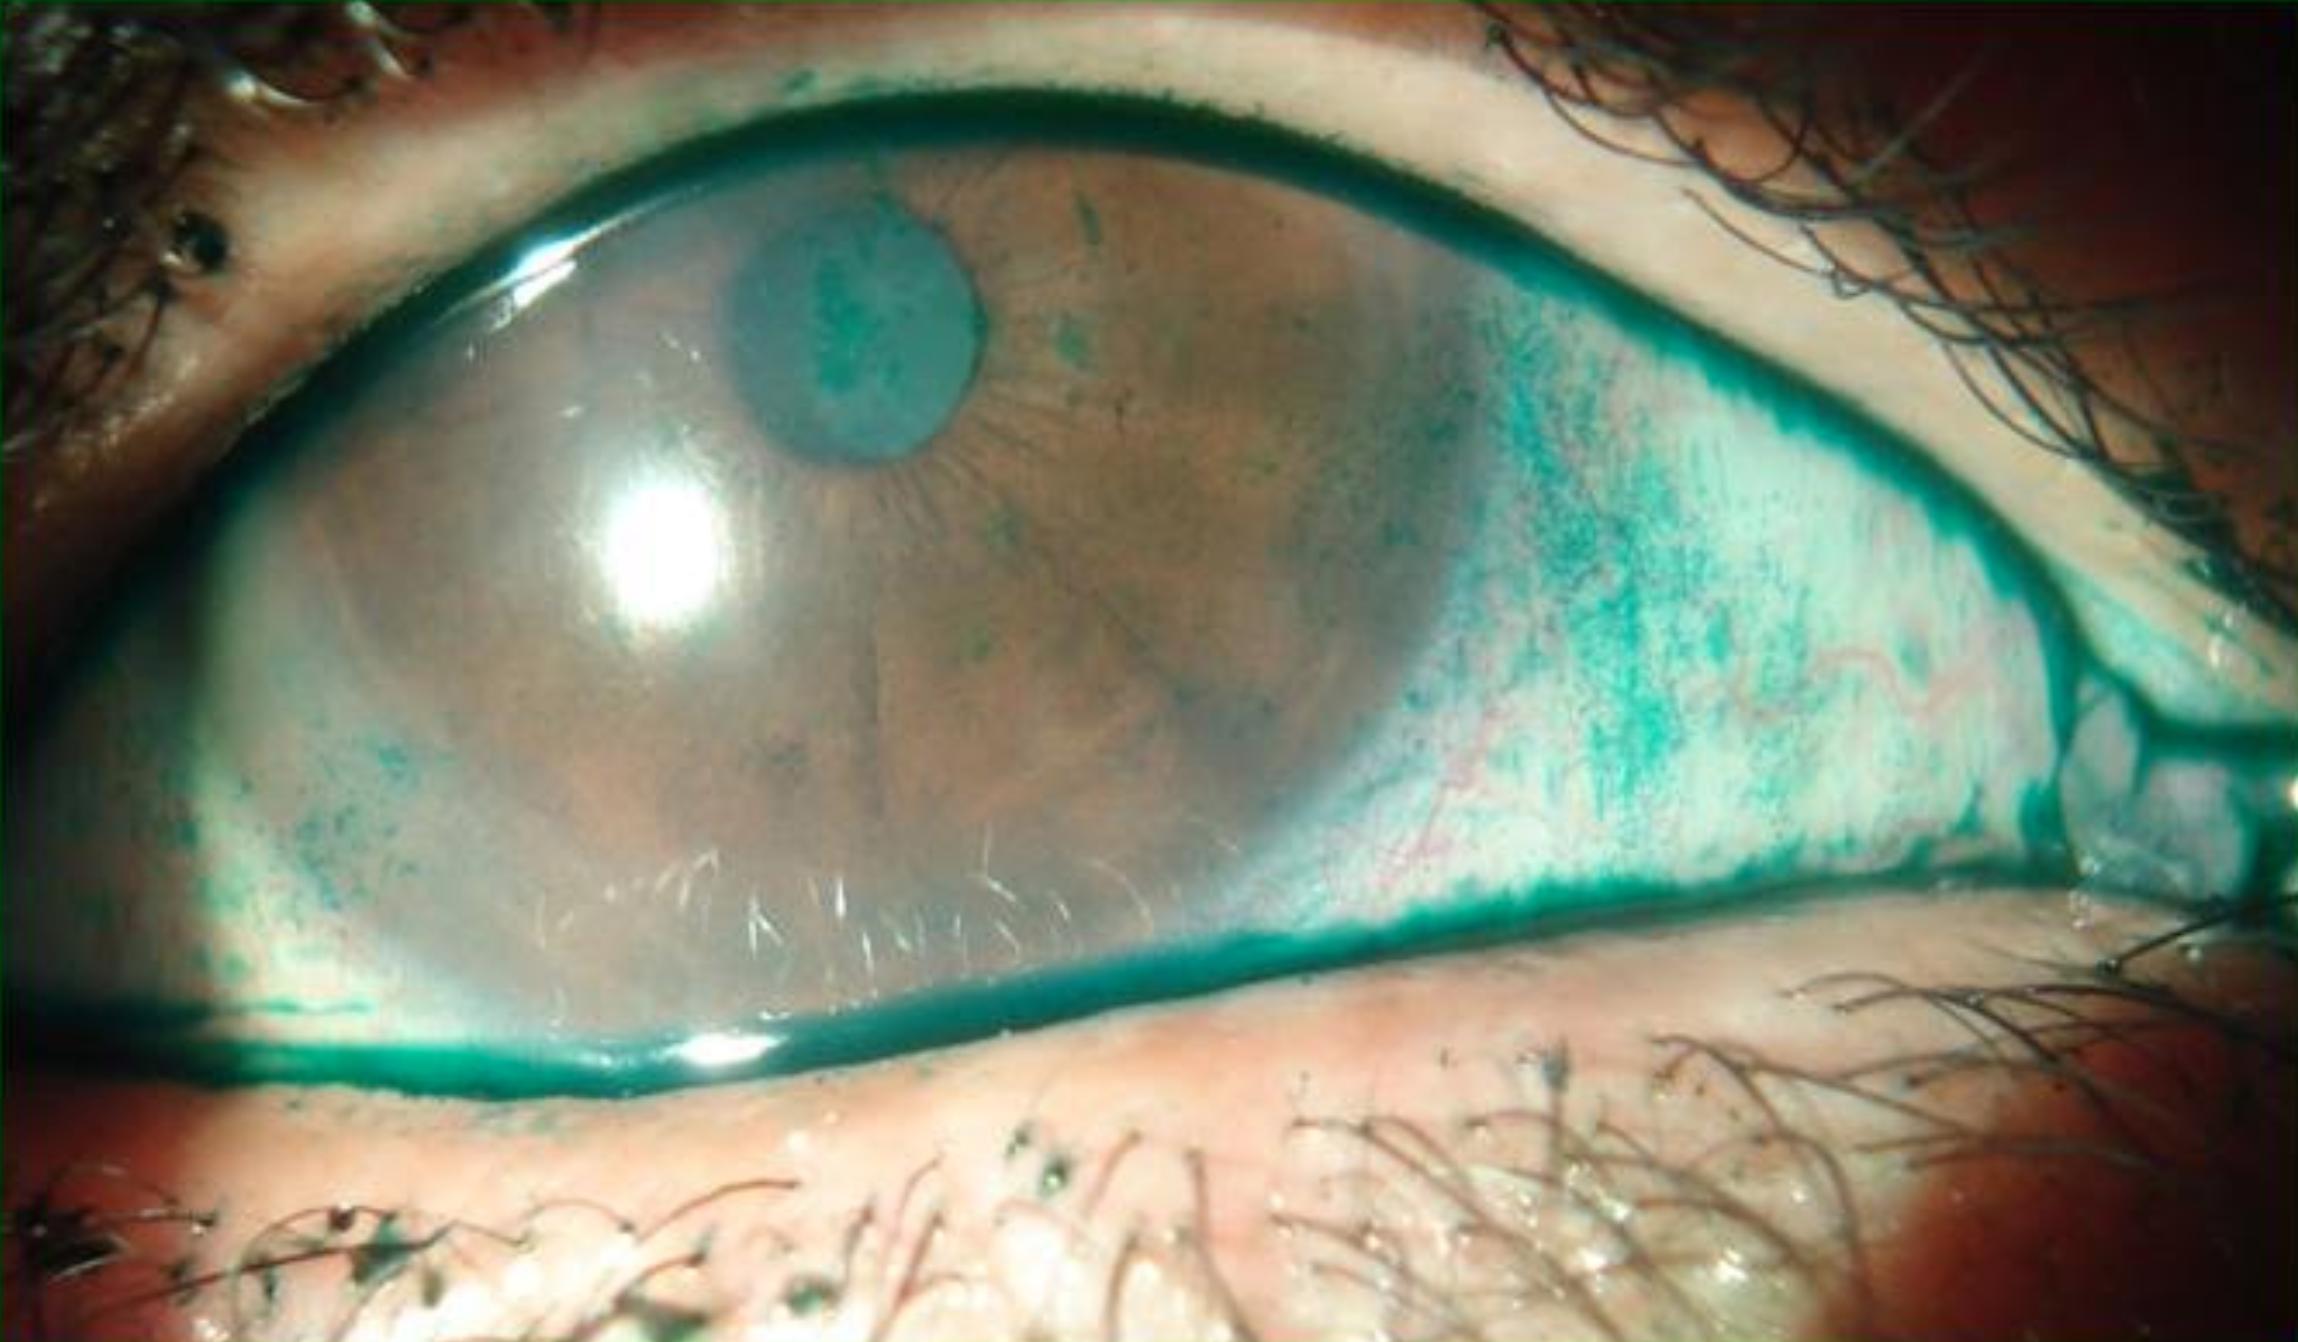 Cornea - Superficie Ocular / Cortesía Dr. MartÍn Berra